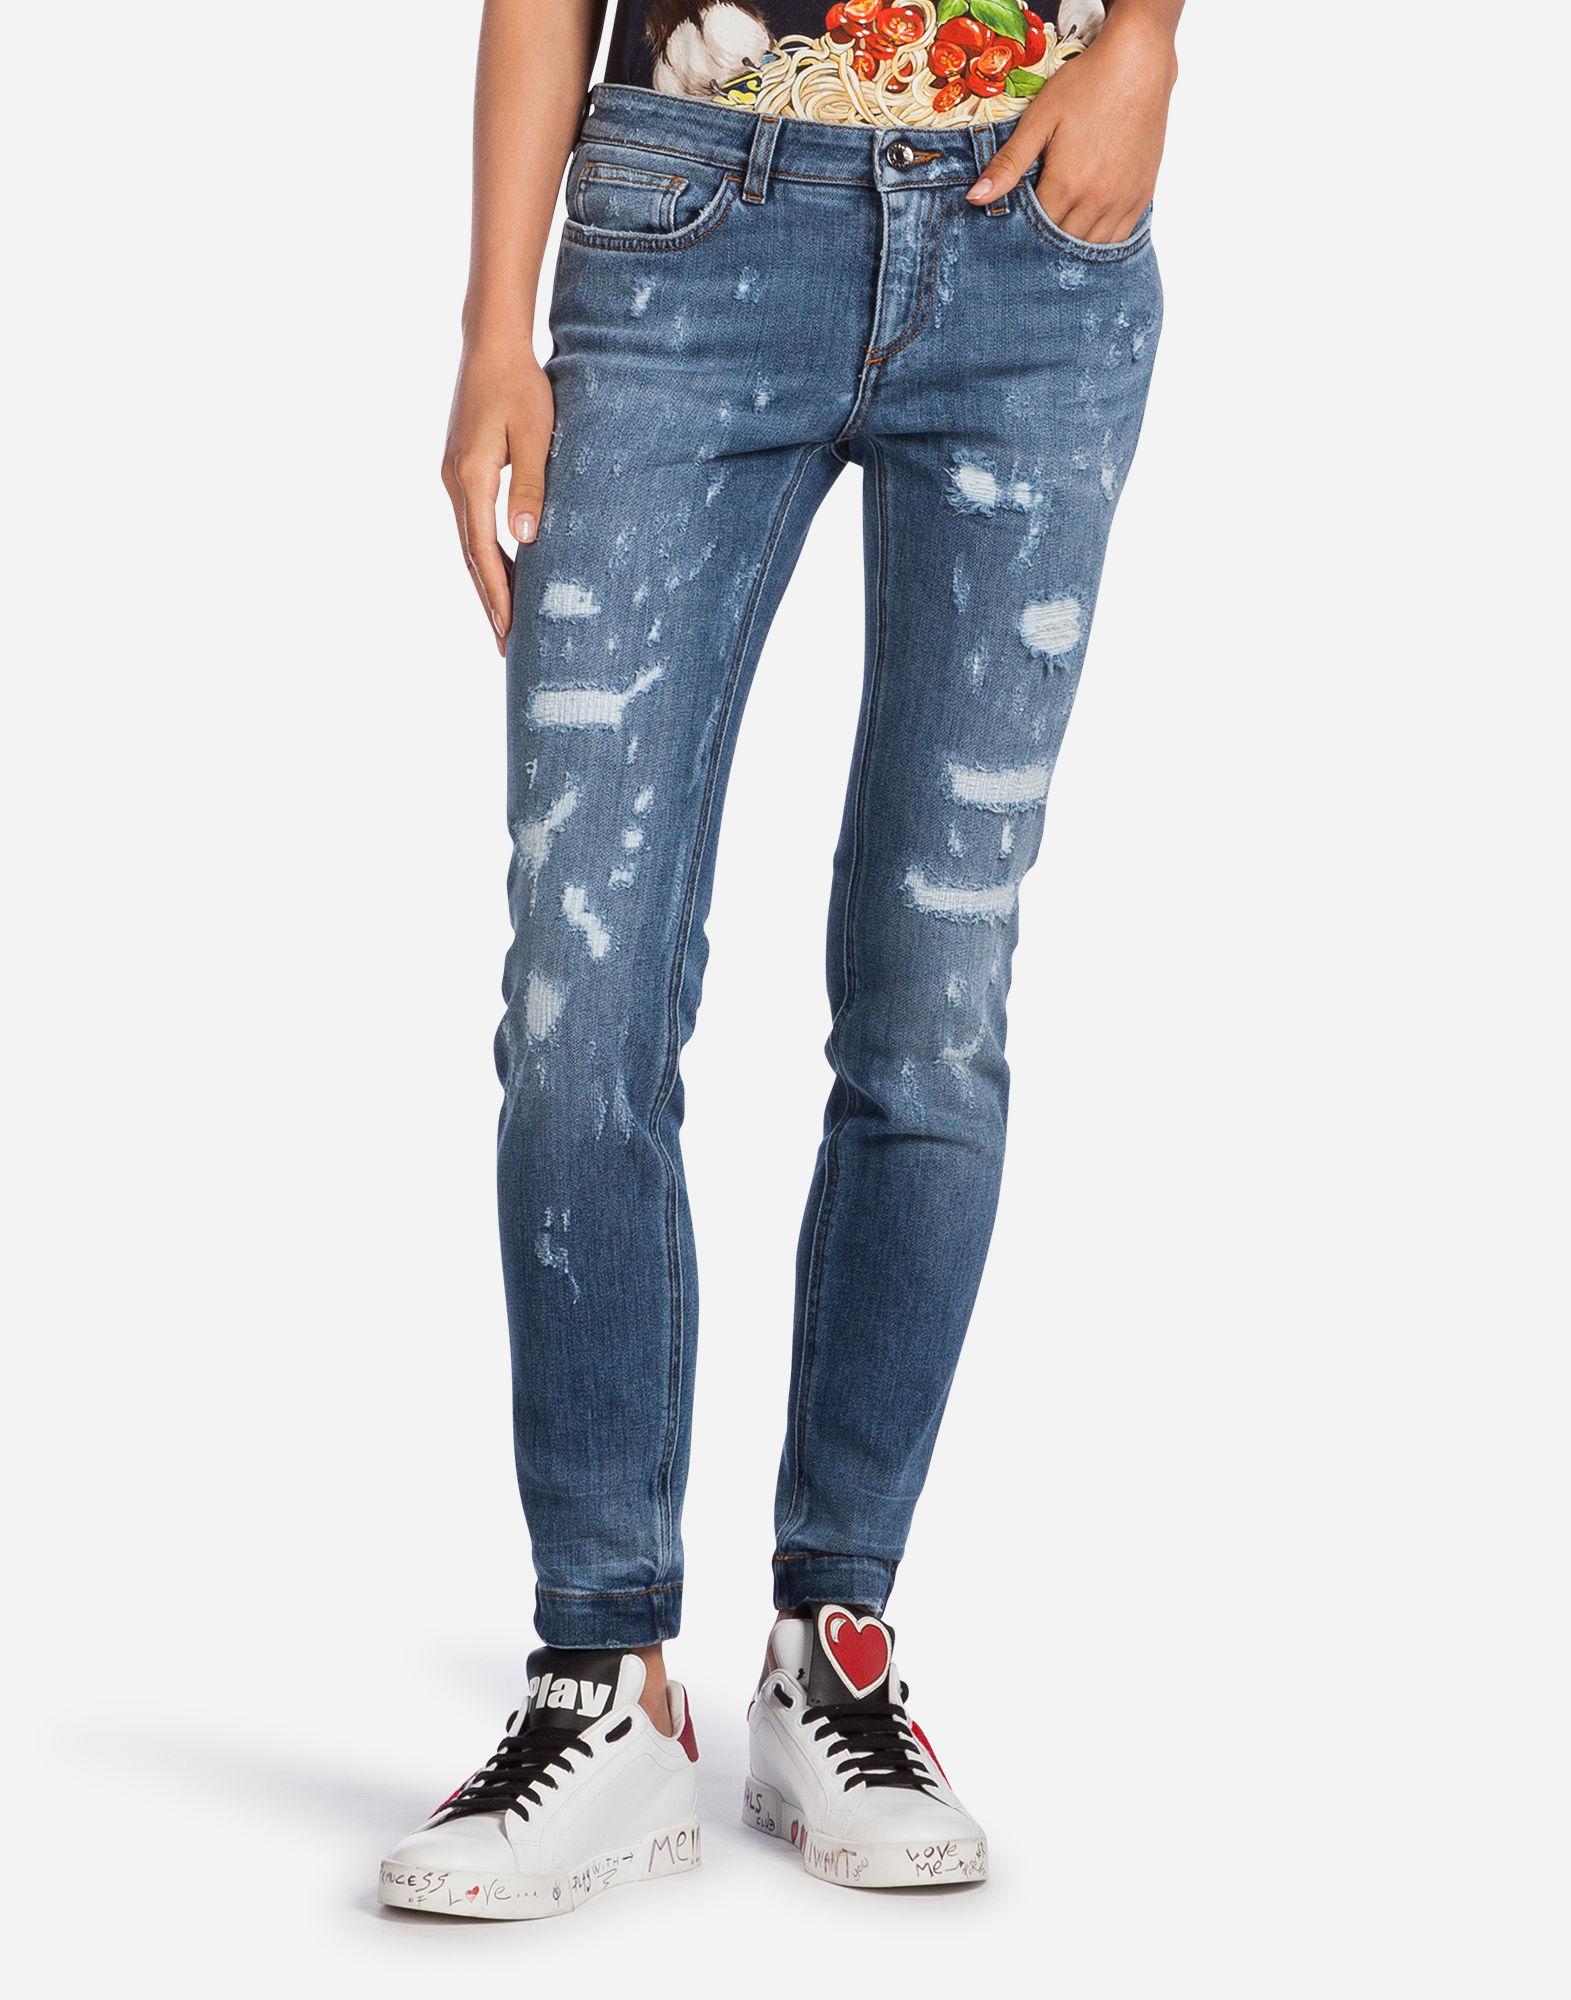 Pretty Fit Jeans In Stretch Denim in Mid Denim